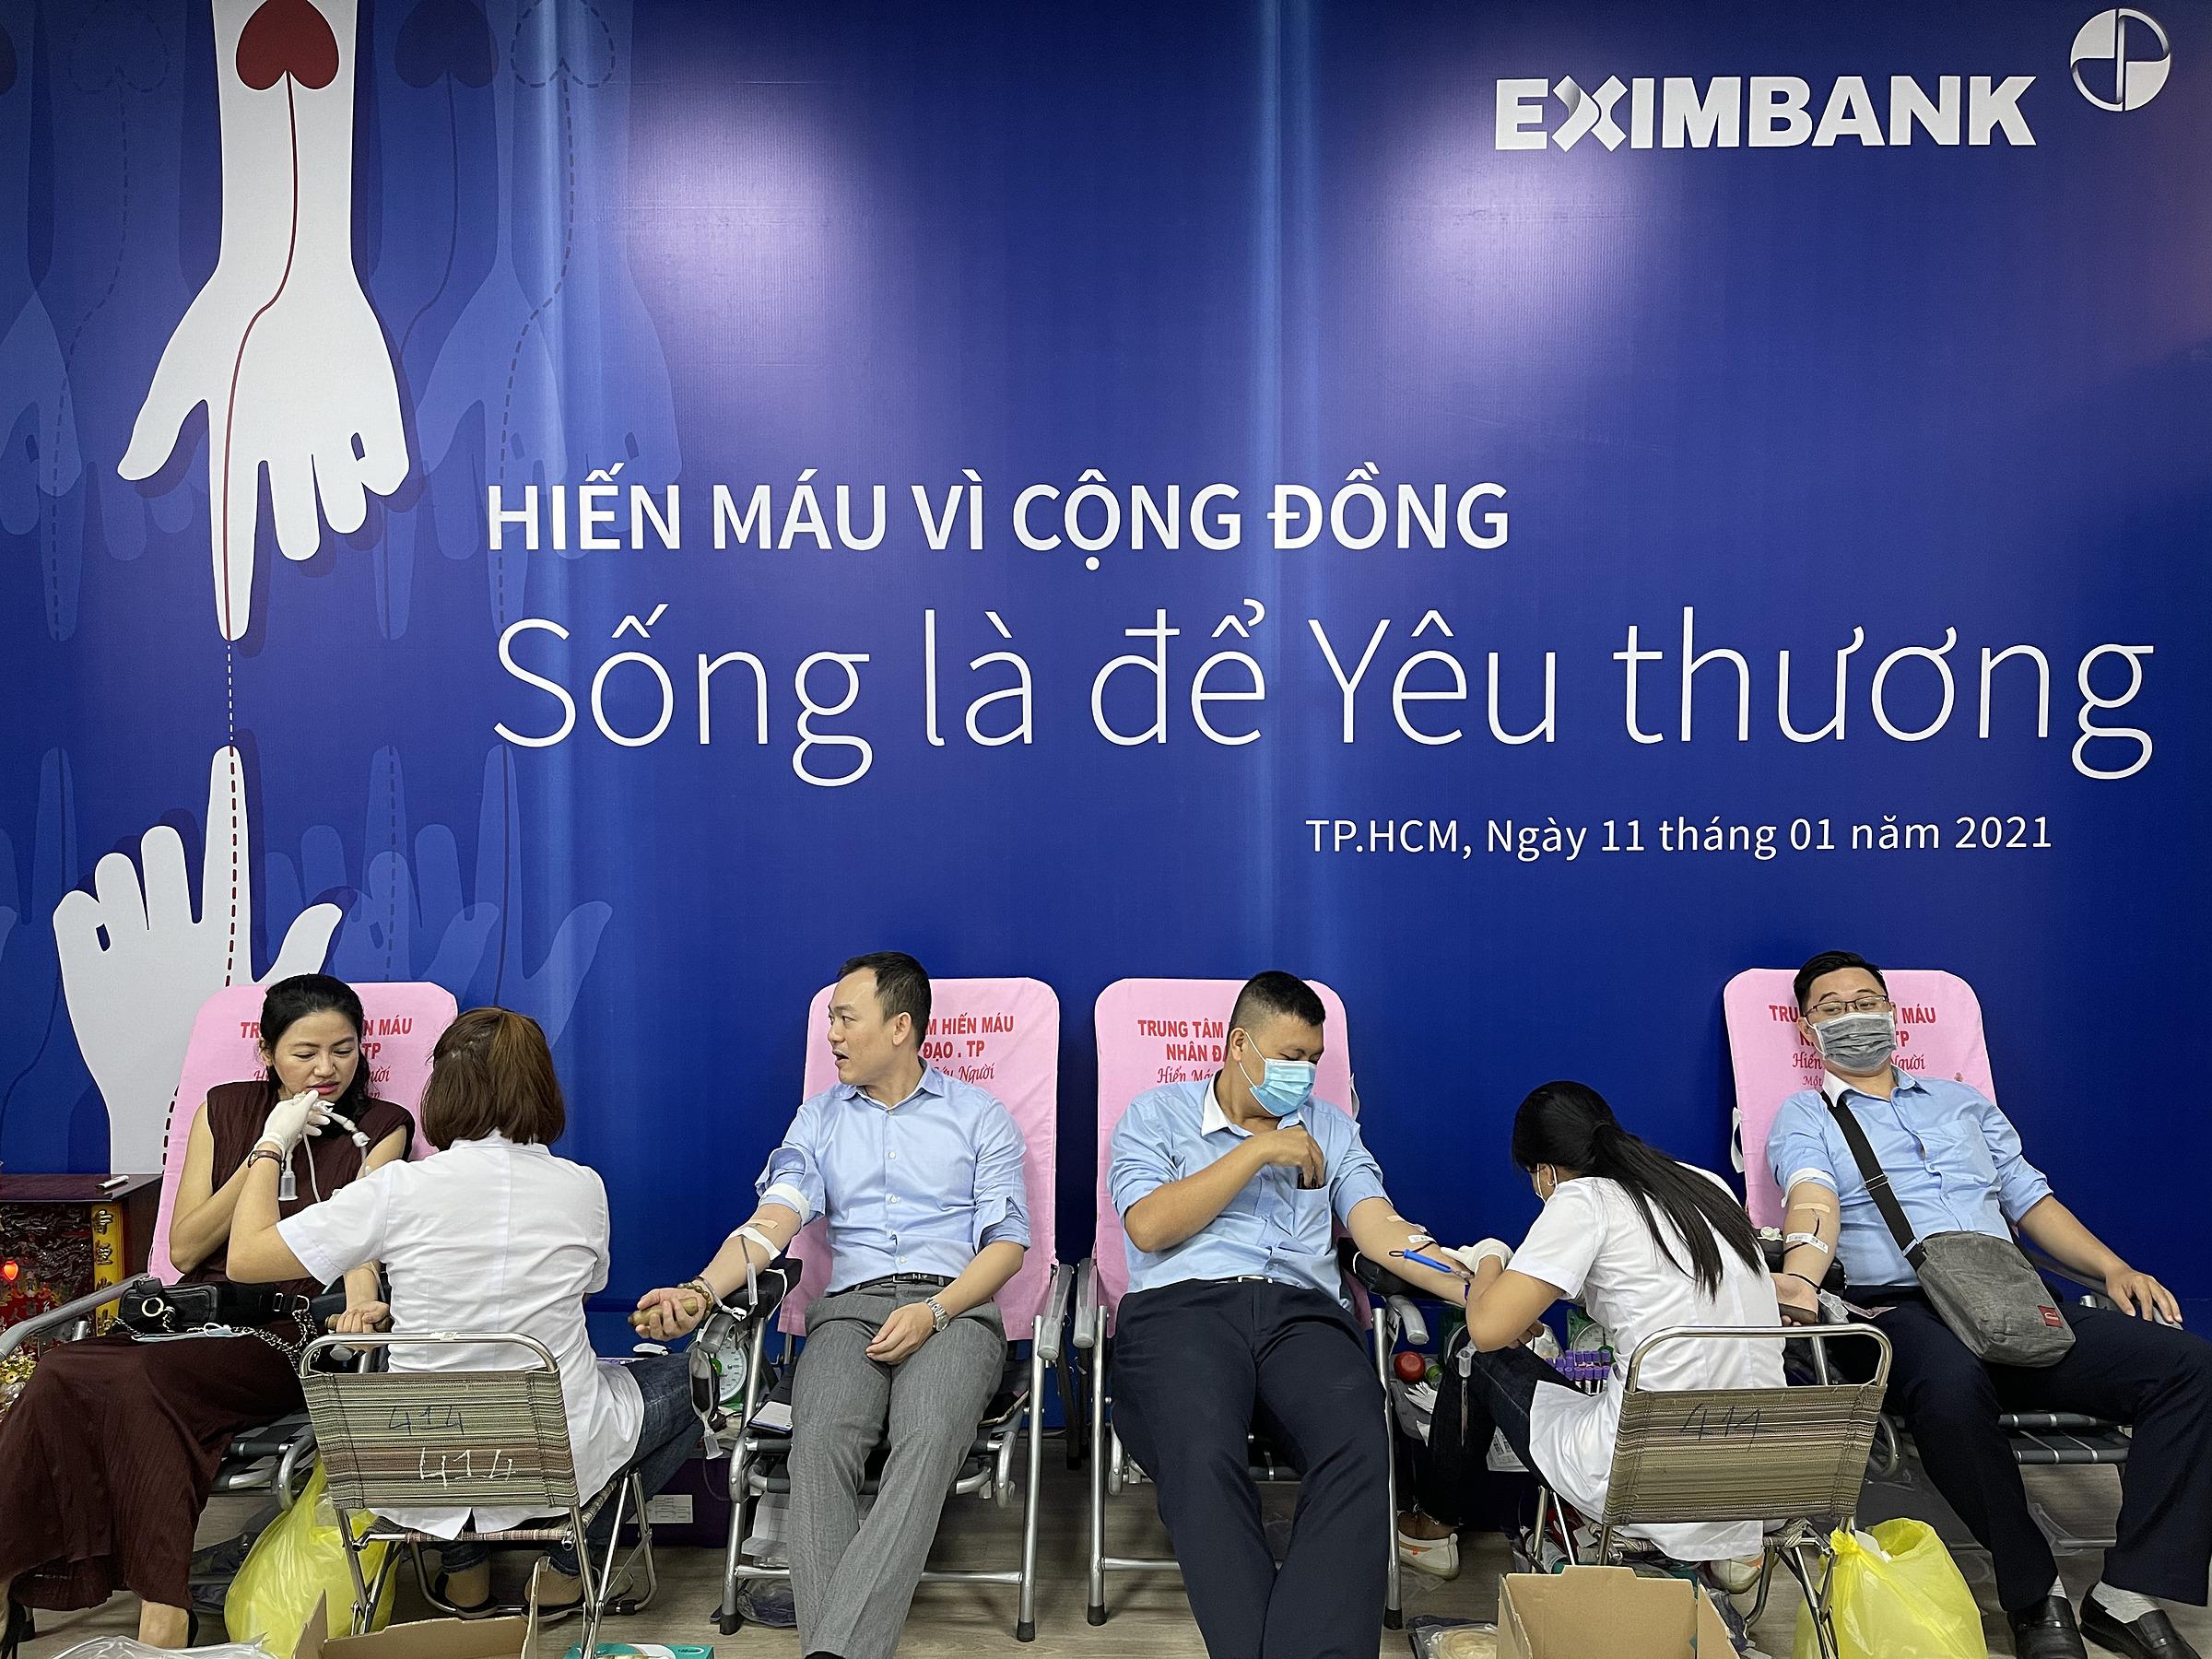 Eximbank tiếp tục lan tỏa thông điệp Sống là để yêu thương với buổi hiến máu vì cộng đồng năm nay. Ảnh: Eximbank.